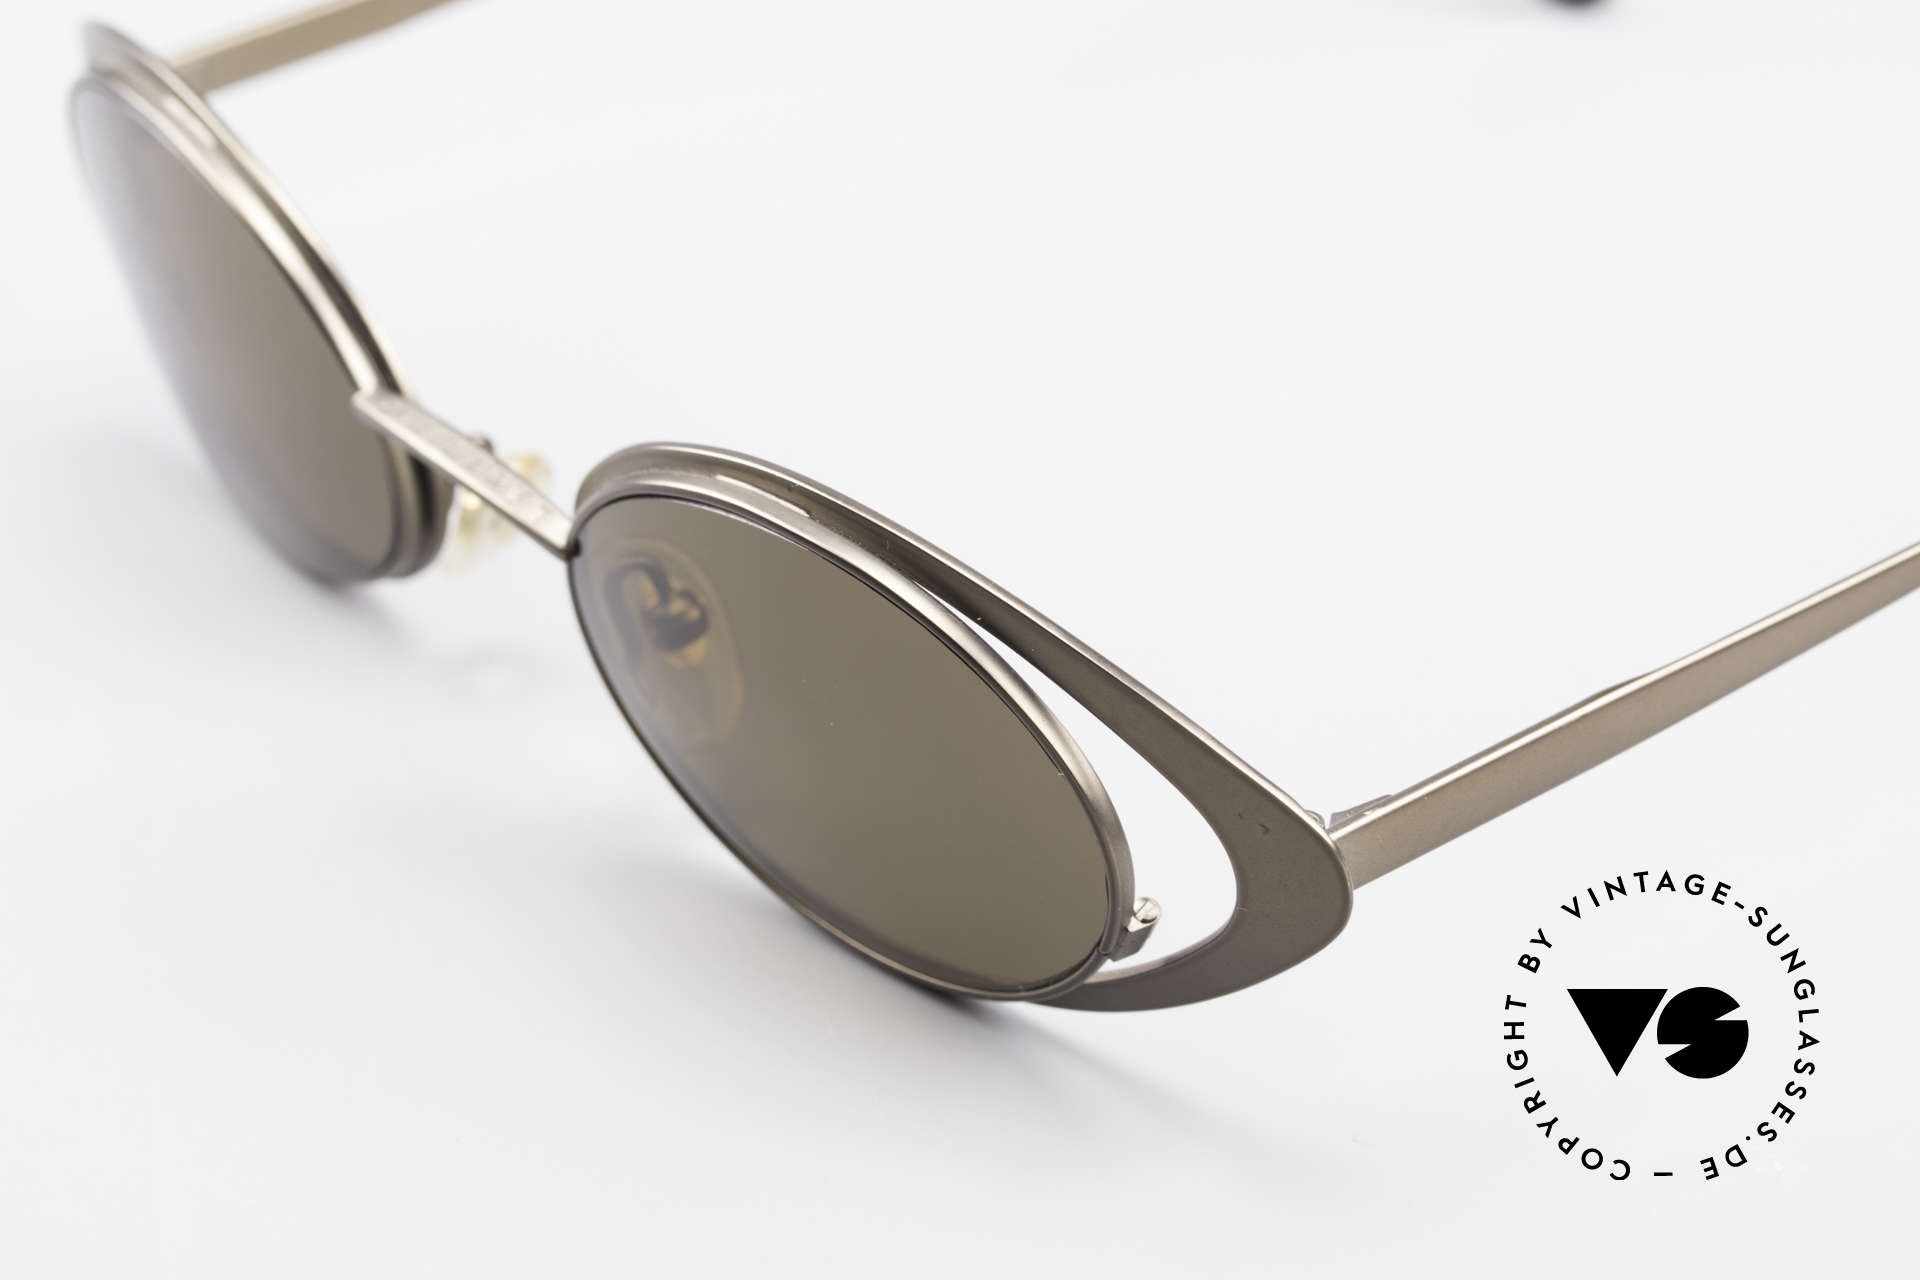 Karl Lagerfeld 4136 True Vintage Brille Oval 90er, ungetragen (wie alle unsere VINTAGE Mode-Unikate), Passend für Damen